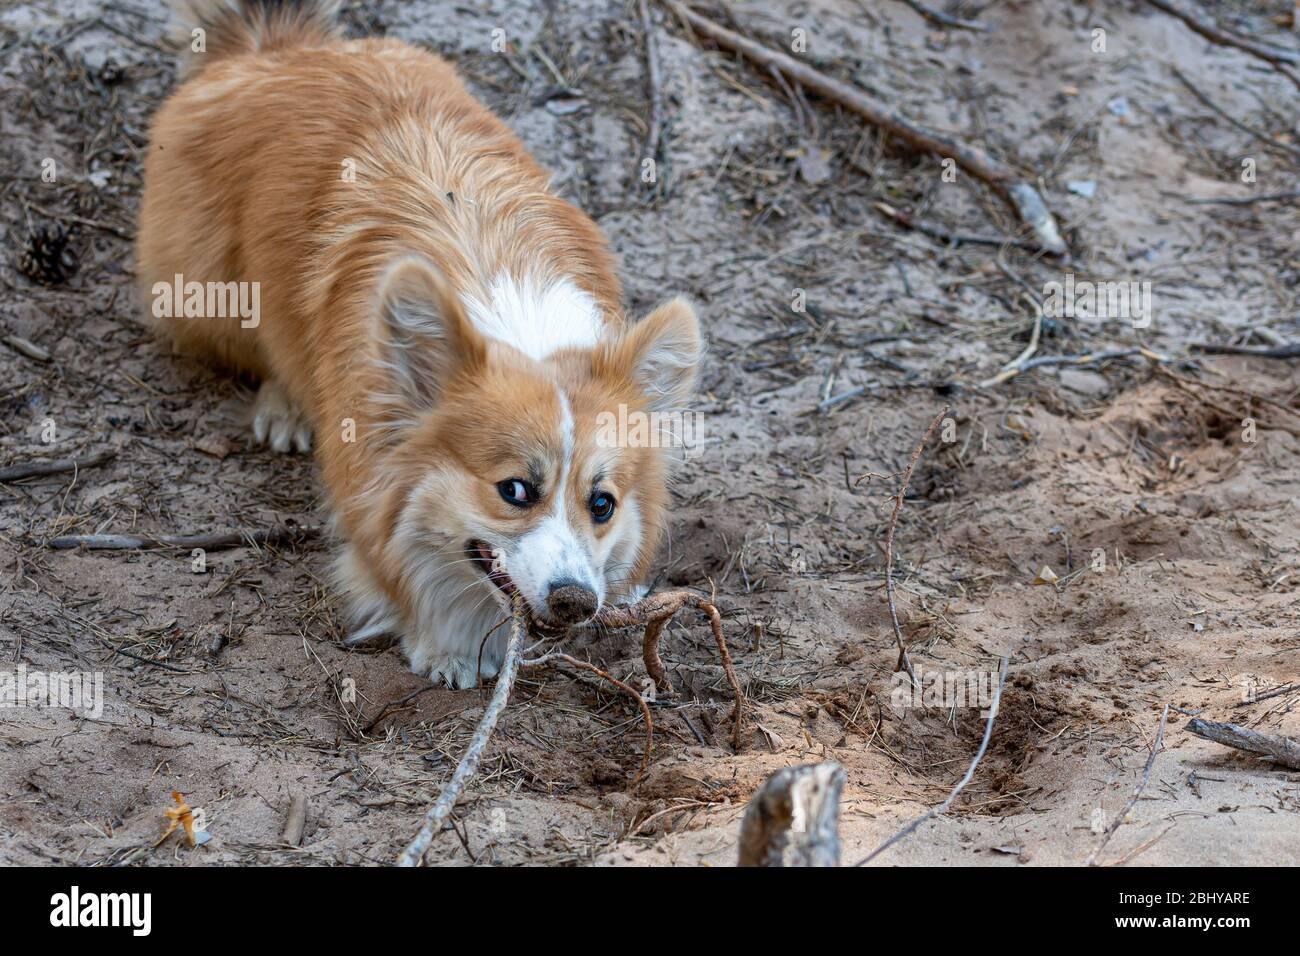 el perro de pembroke corgi galés juega con las raíces de los árboles en un soleado día de primavera Foto de stock